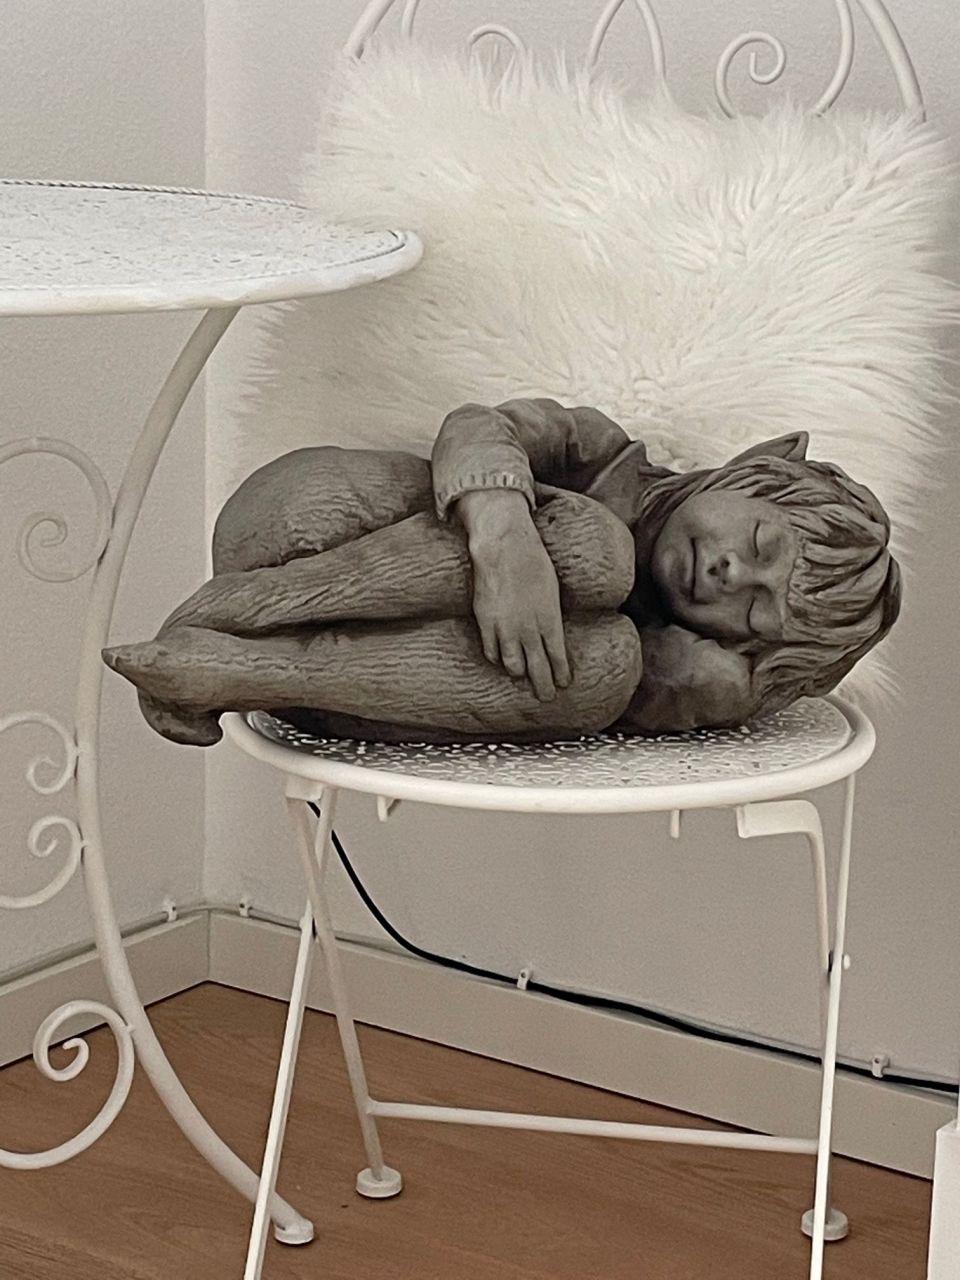 Gartenfigur FAYE- schlafende Elfe- (c) by Fiona Scott